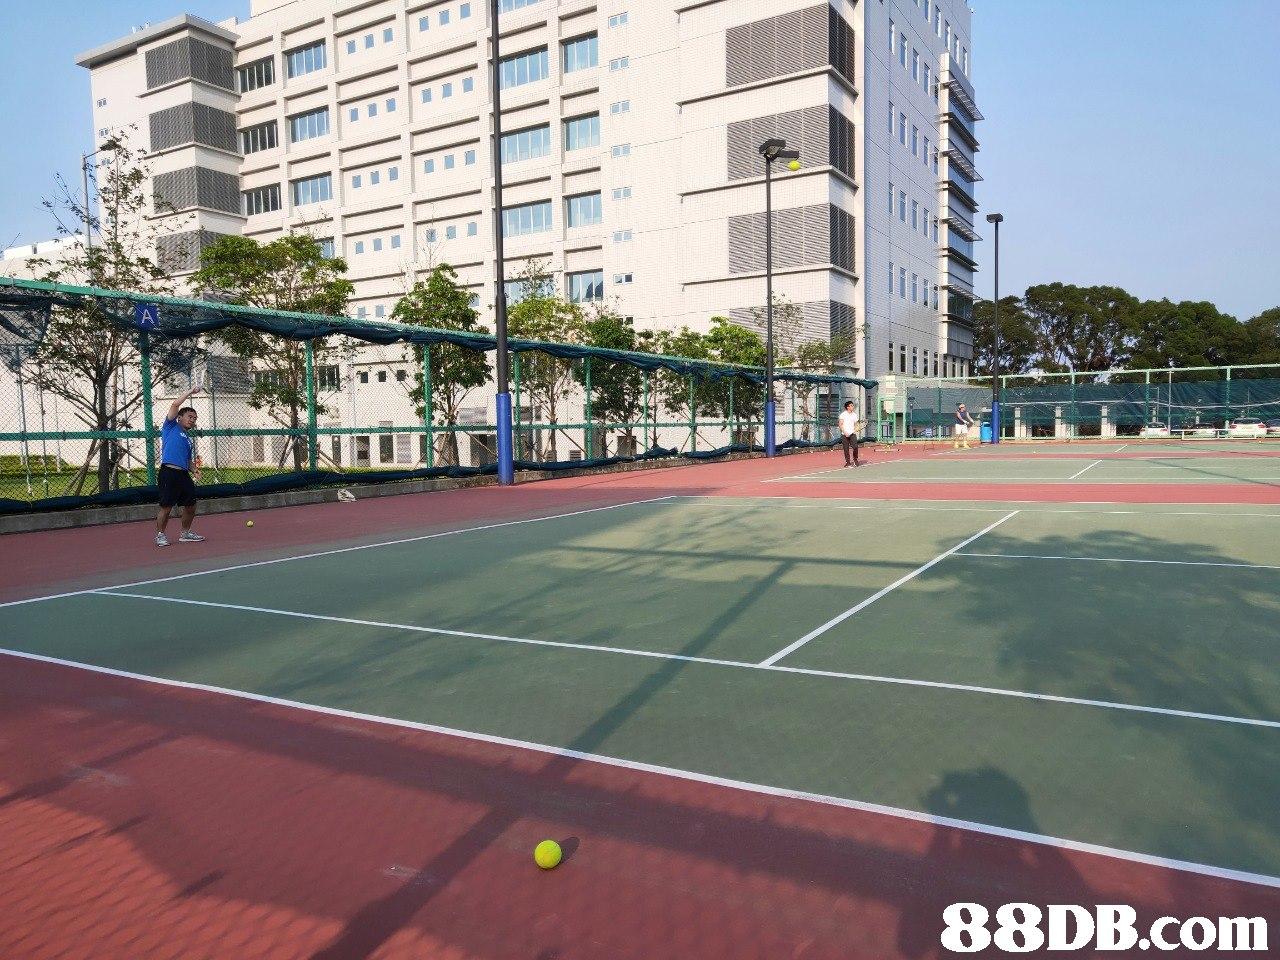 fii 88DB.com  sport venue